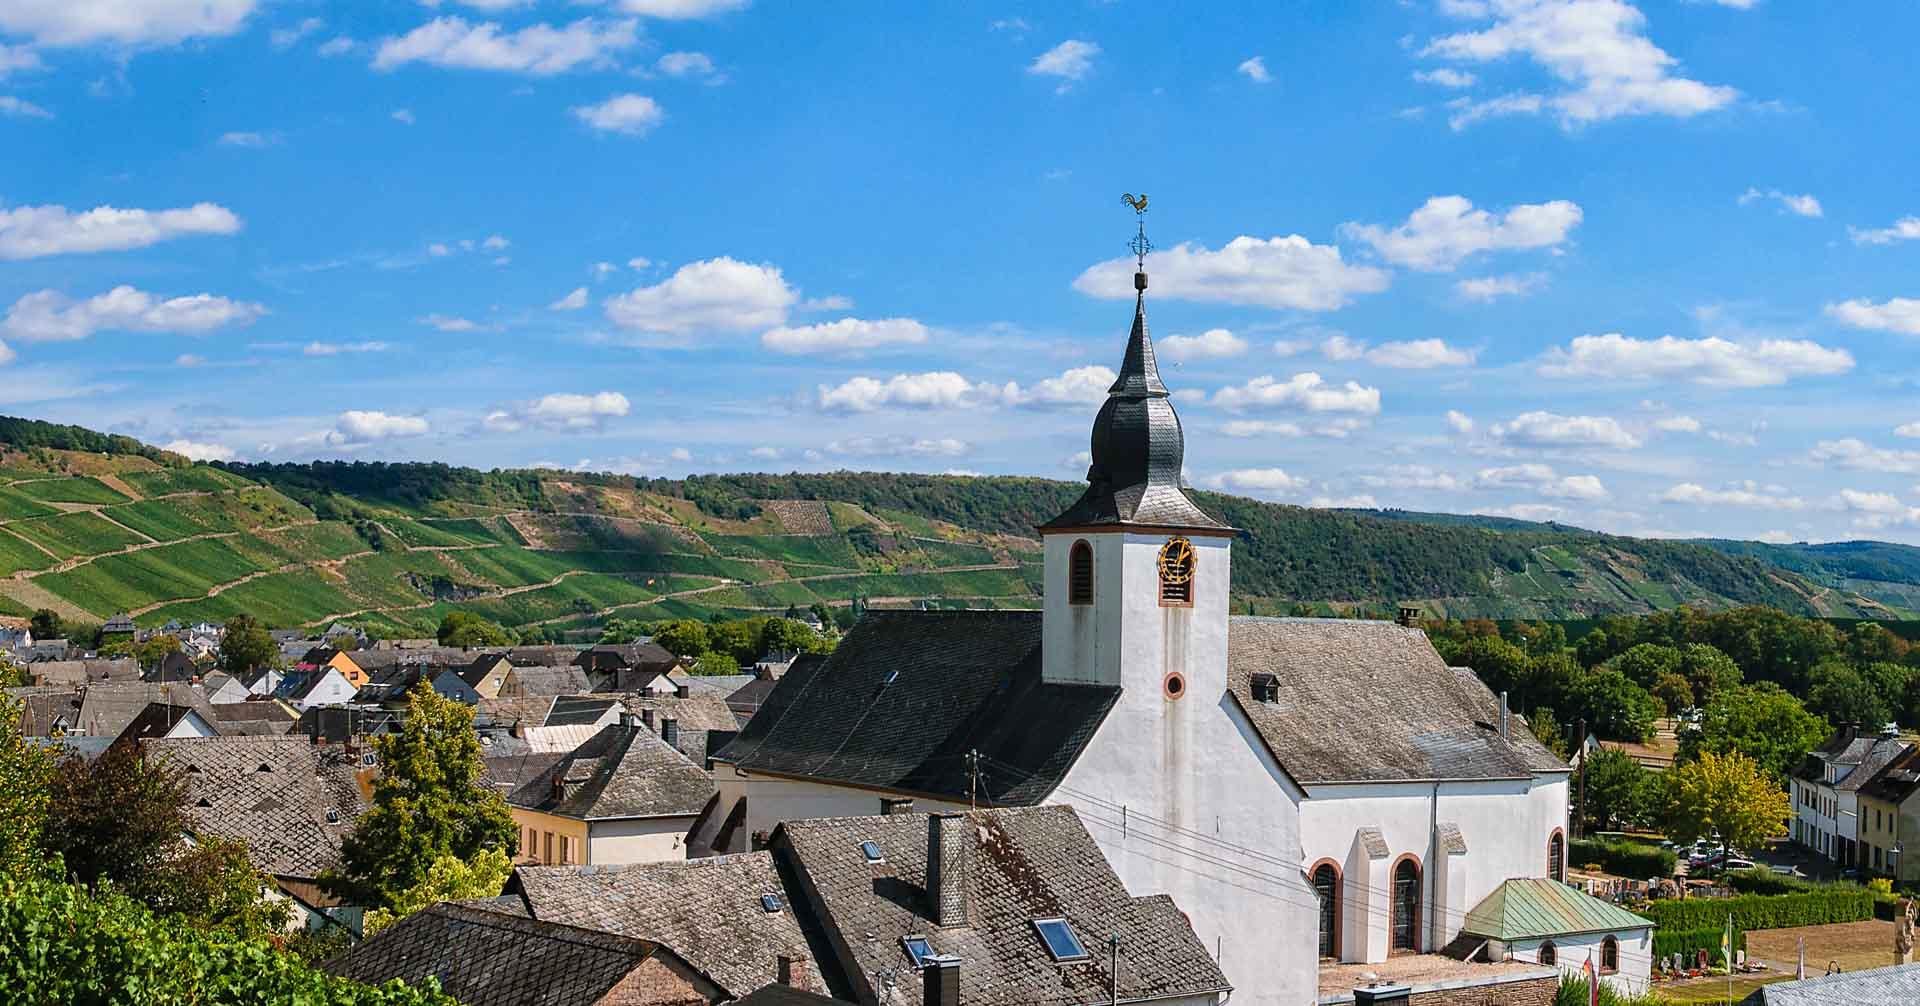 Man erkennt die Kirche des Ortes Klüsserath an der Mosel und den Weinberge Klüsserather Bruderschaft im Hintergrund. Es sind weitere Häuser erkennbar. Der blaue Himmel ist ganz leicht bewölkt.